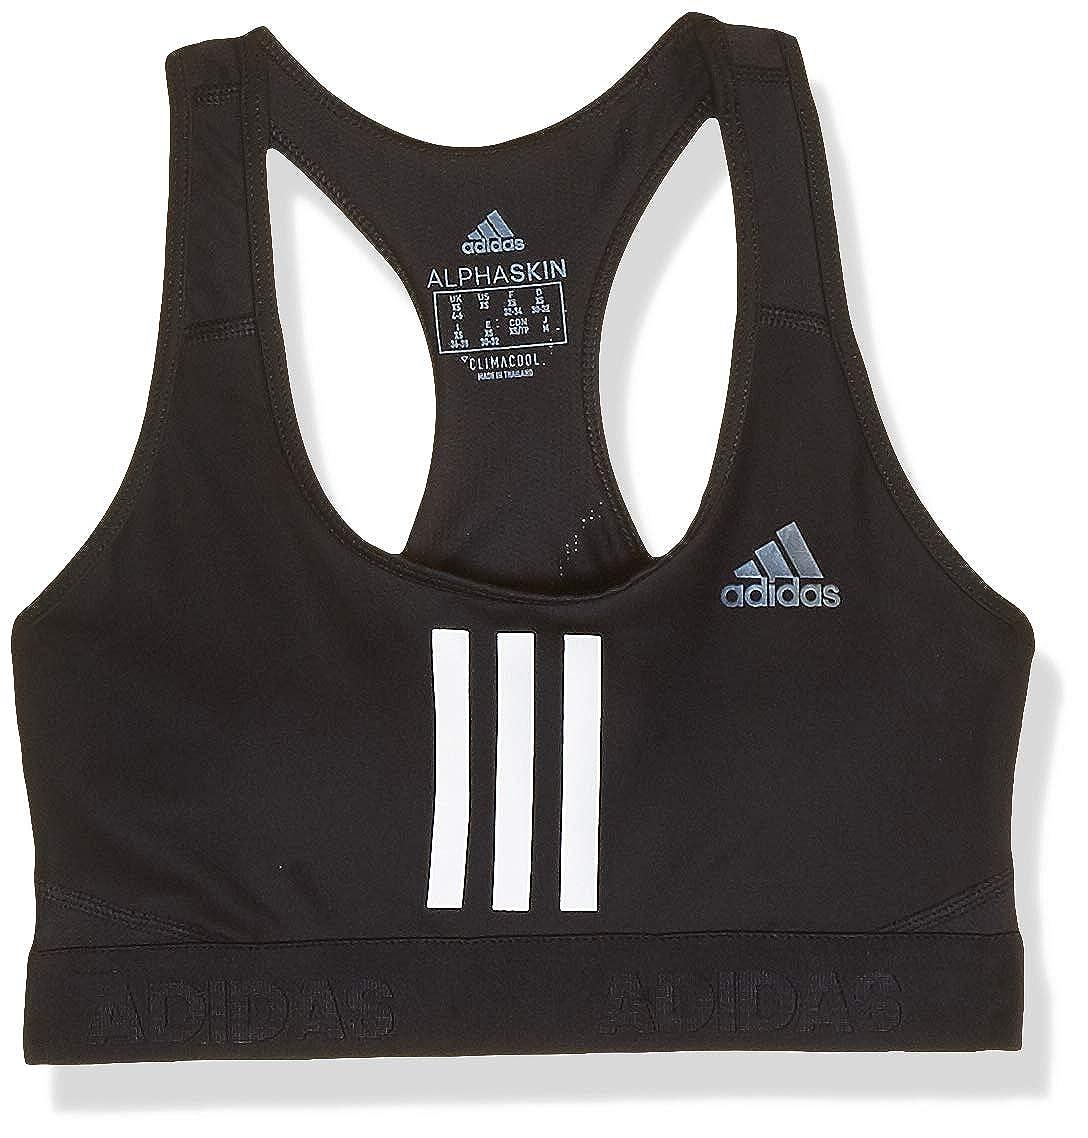 adidas Drst Ask SPR 3s Sports Bra, Mujer: Amazon.es: Ropa y accesorios